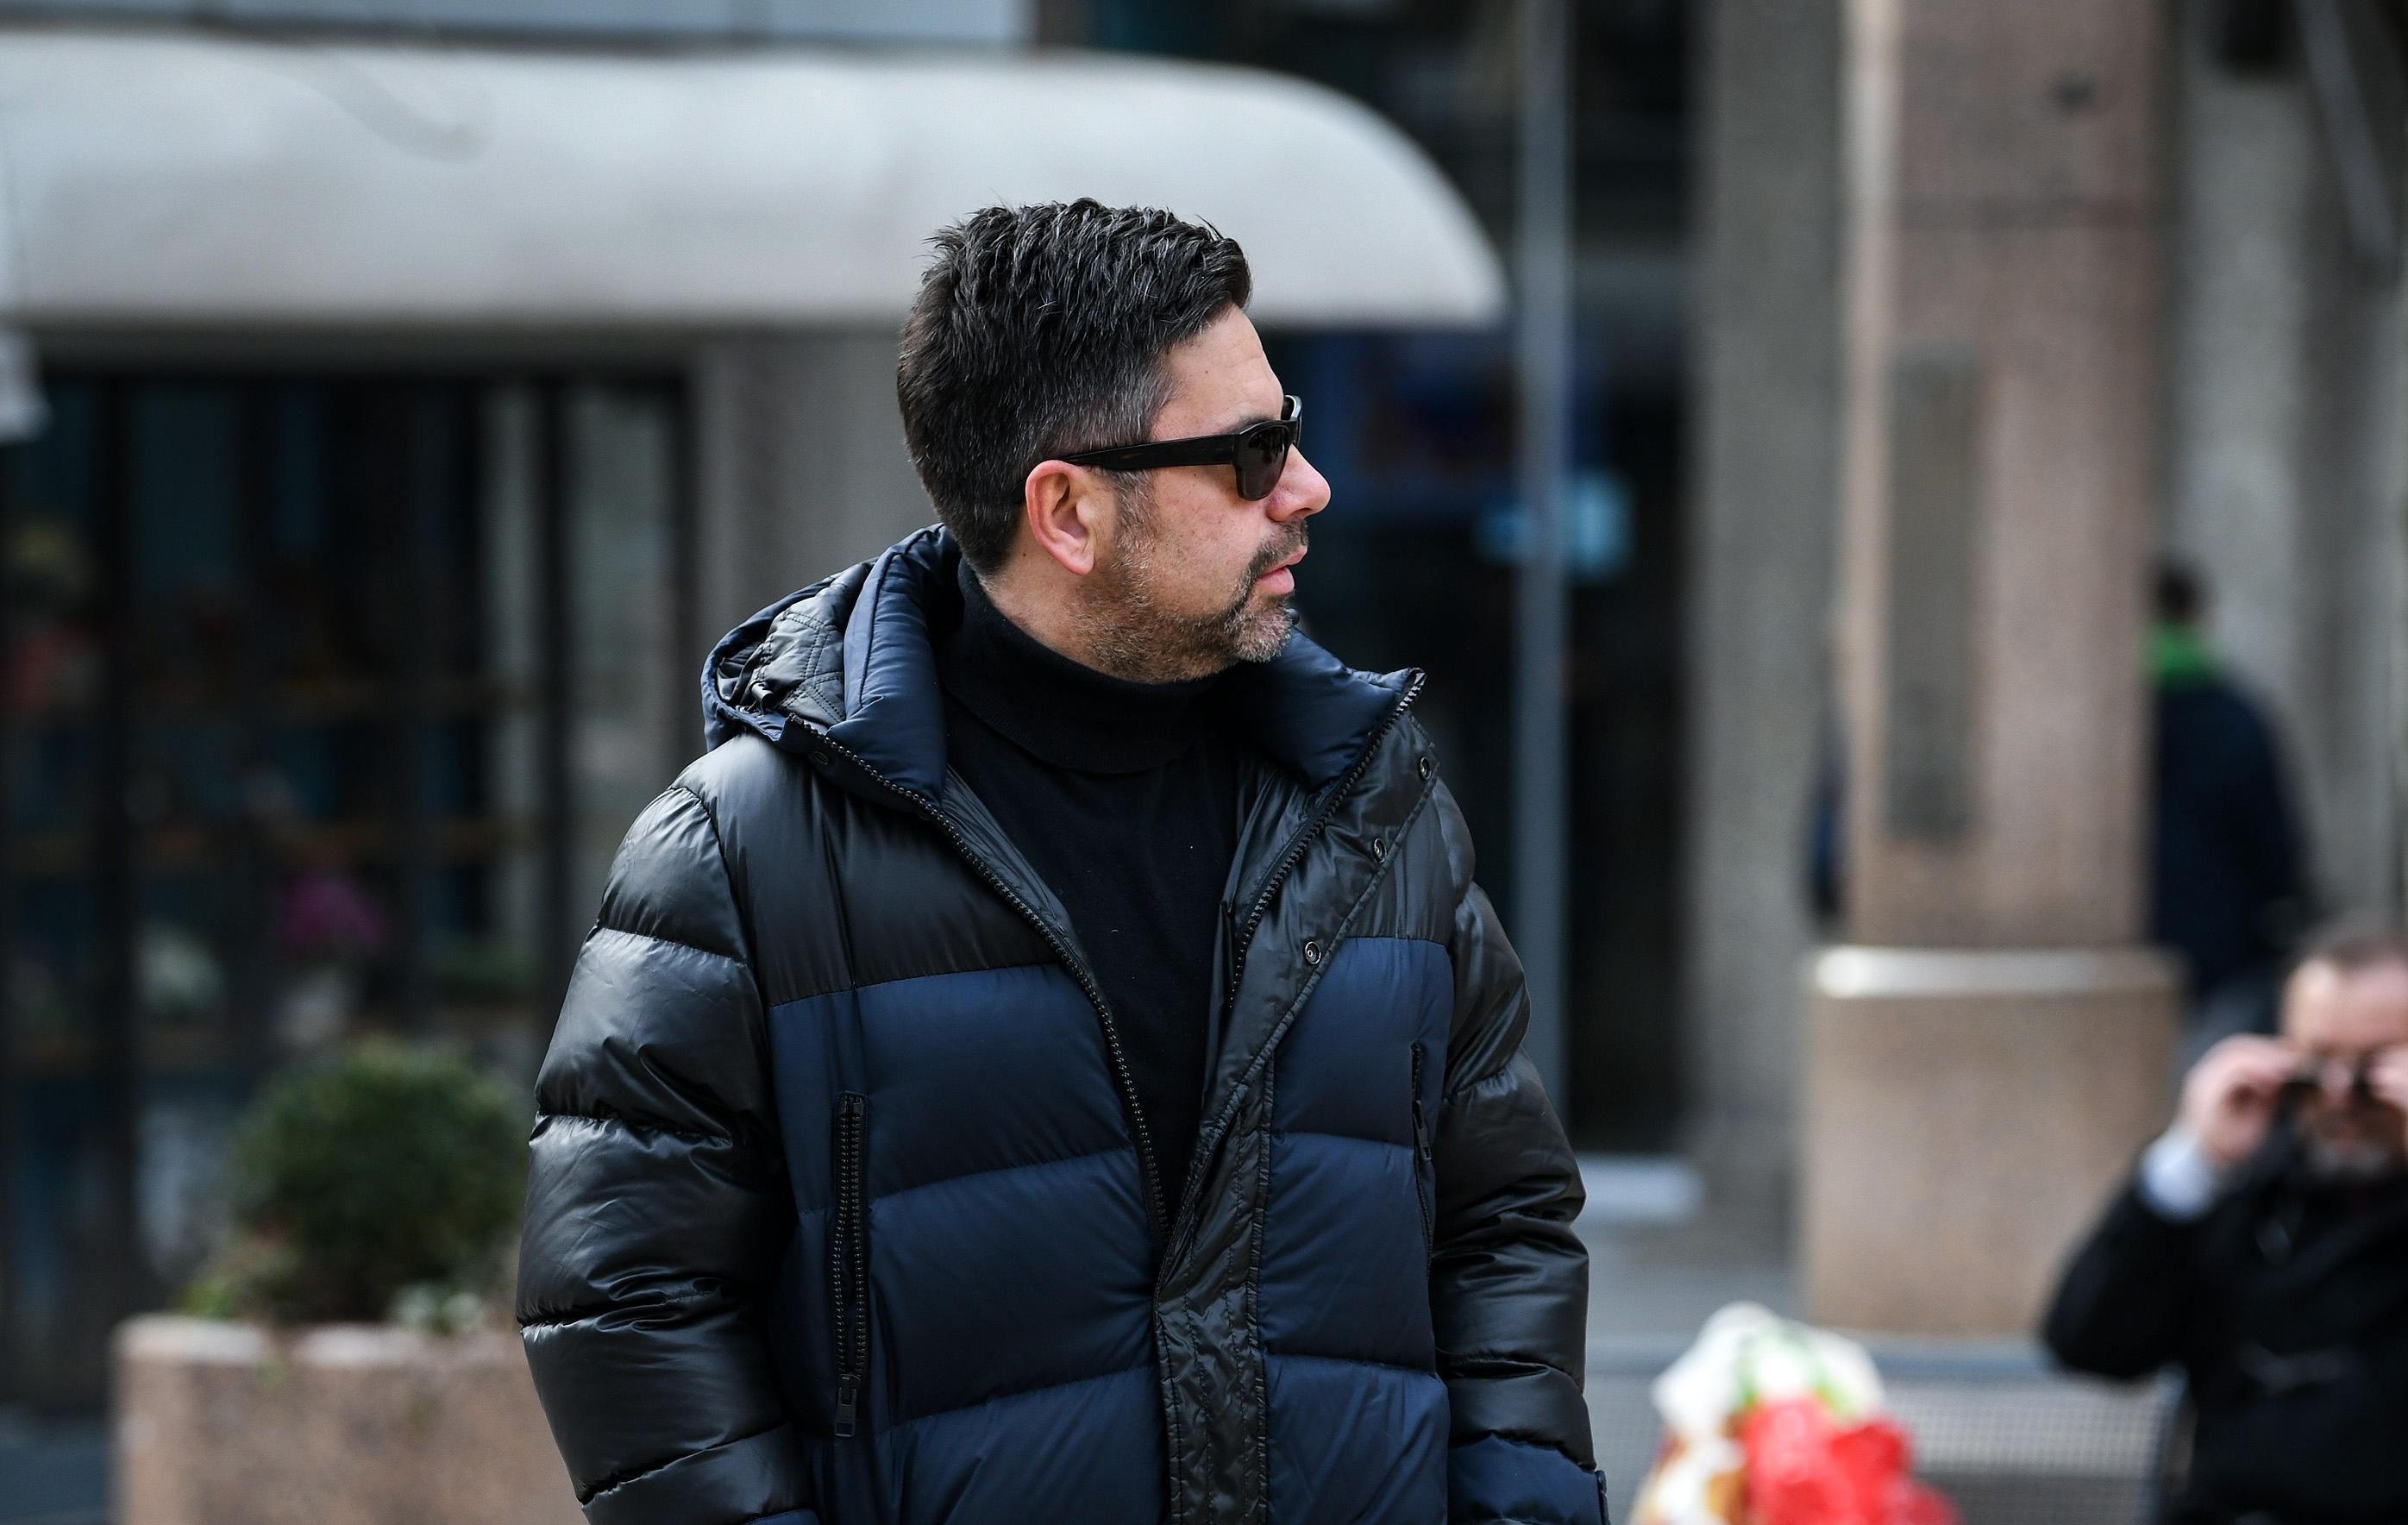 Poznati hrvatski operni pjevač nosi zimsku jaknu kakvu ne bi svaki frajer mogao isfurati